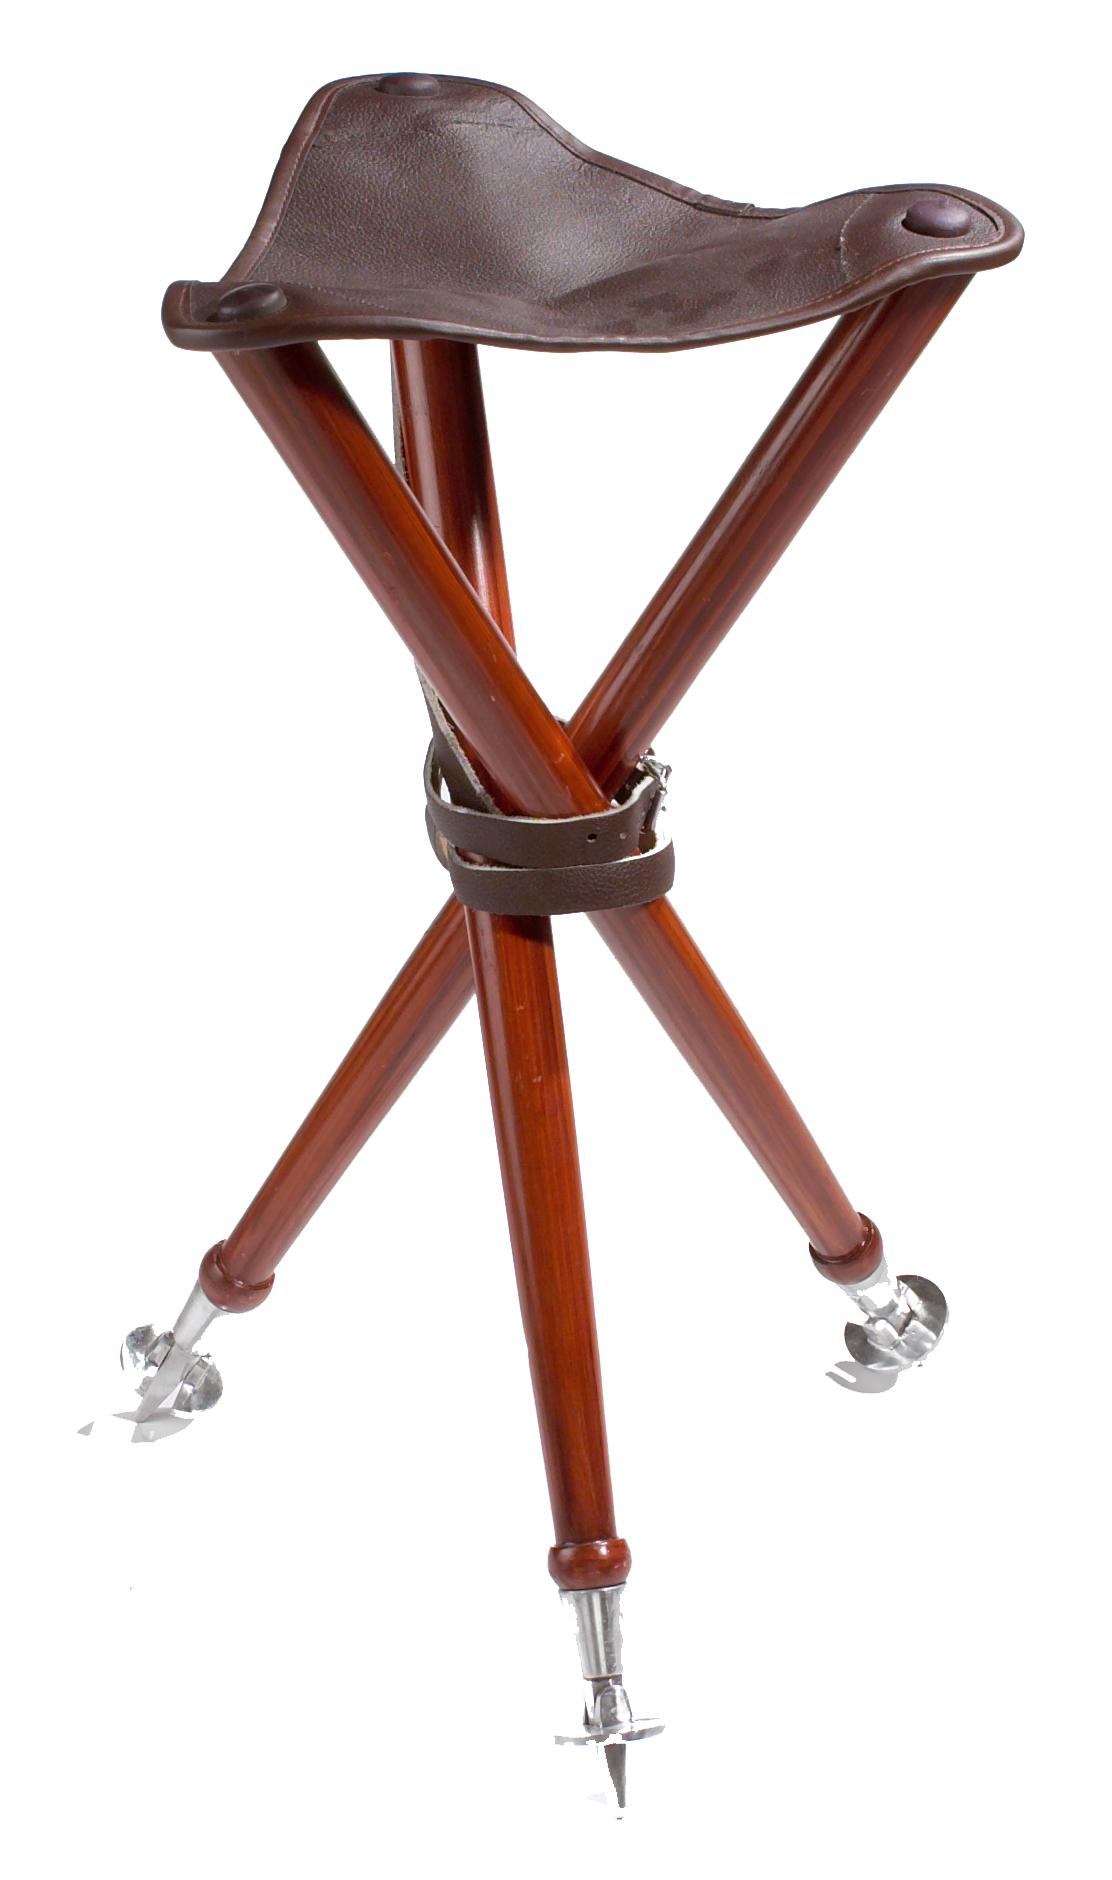 Jagdhocker Dreibein aus Holz mit Ledersitz